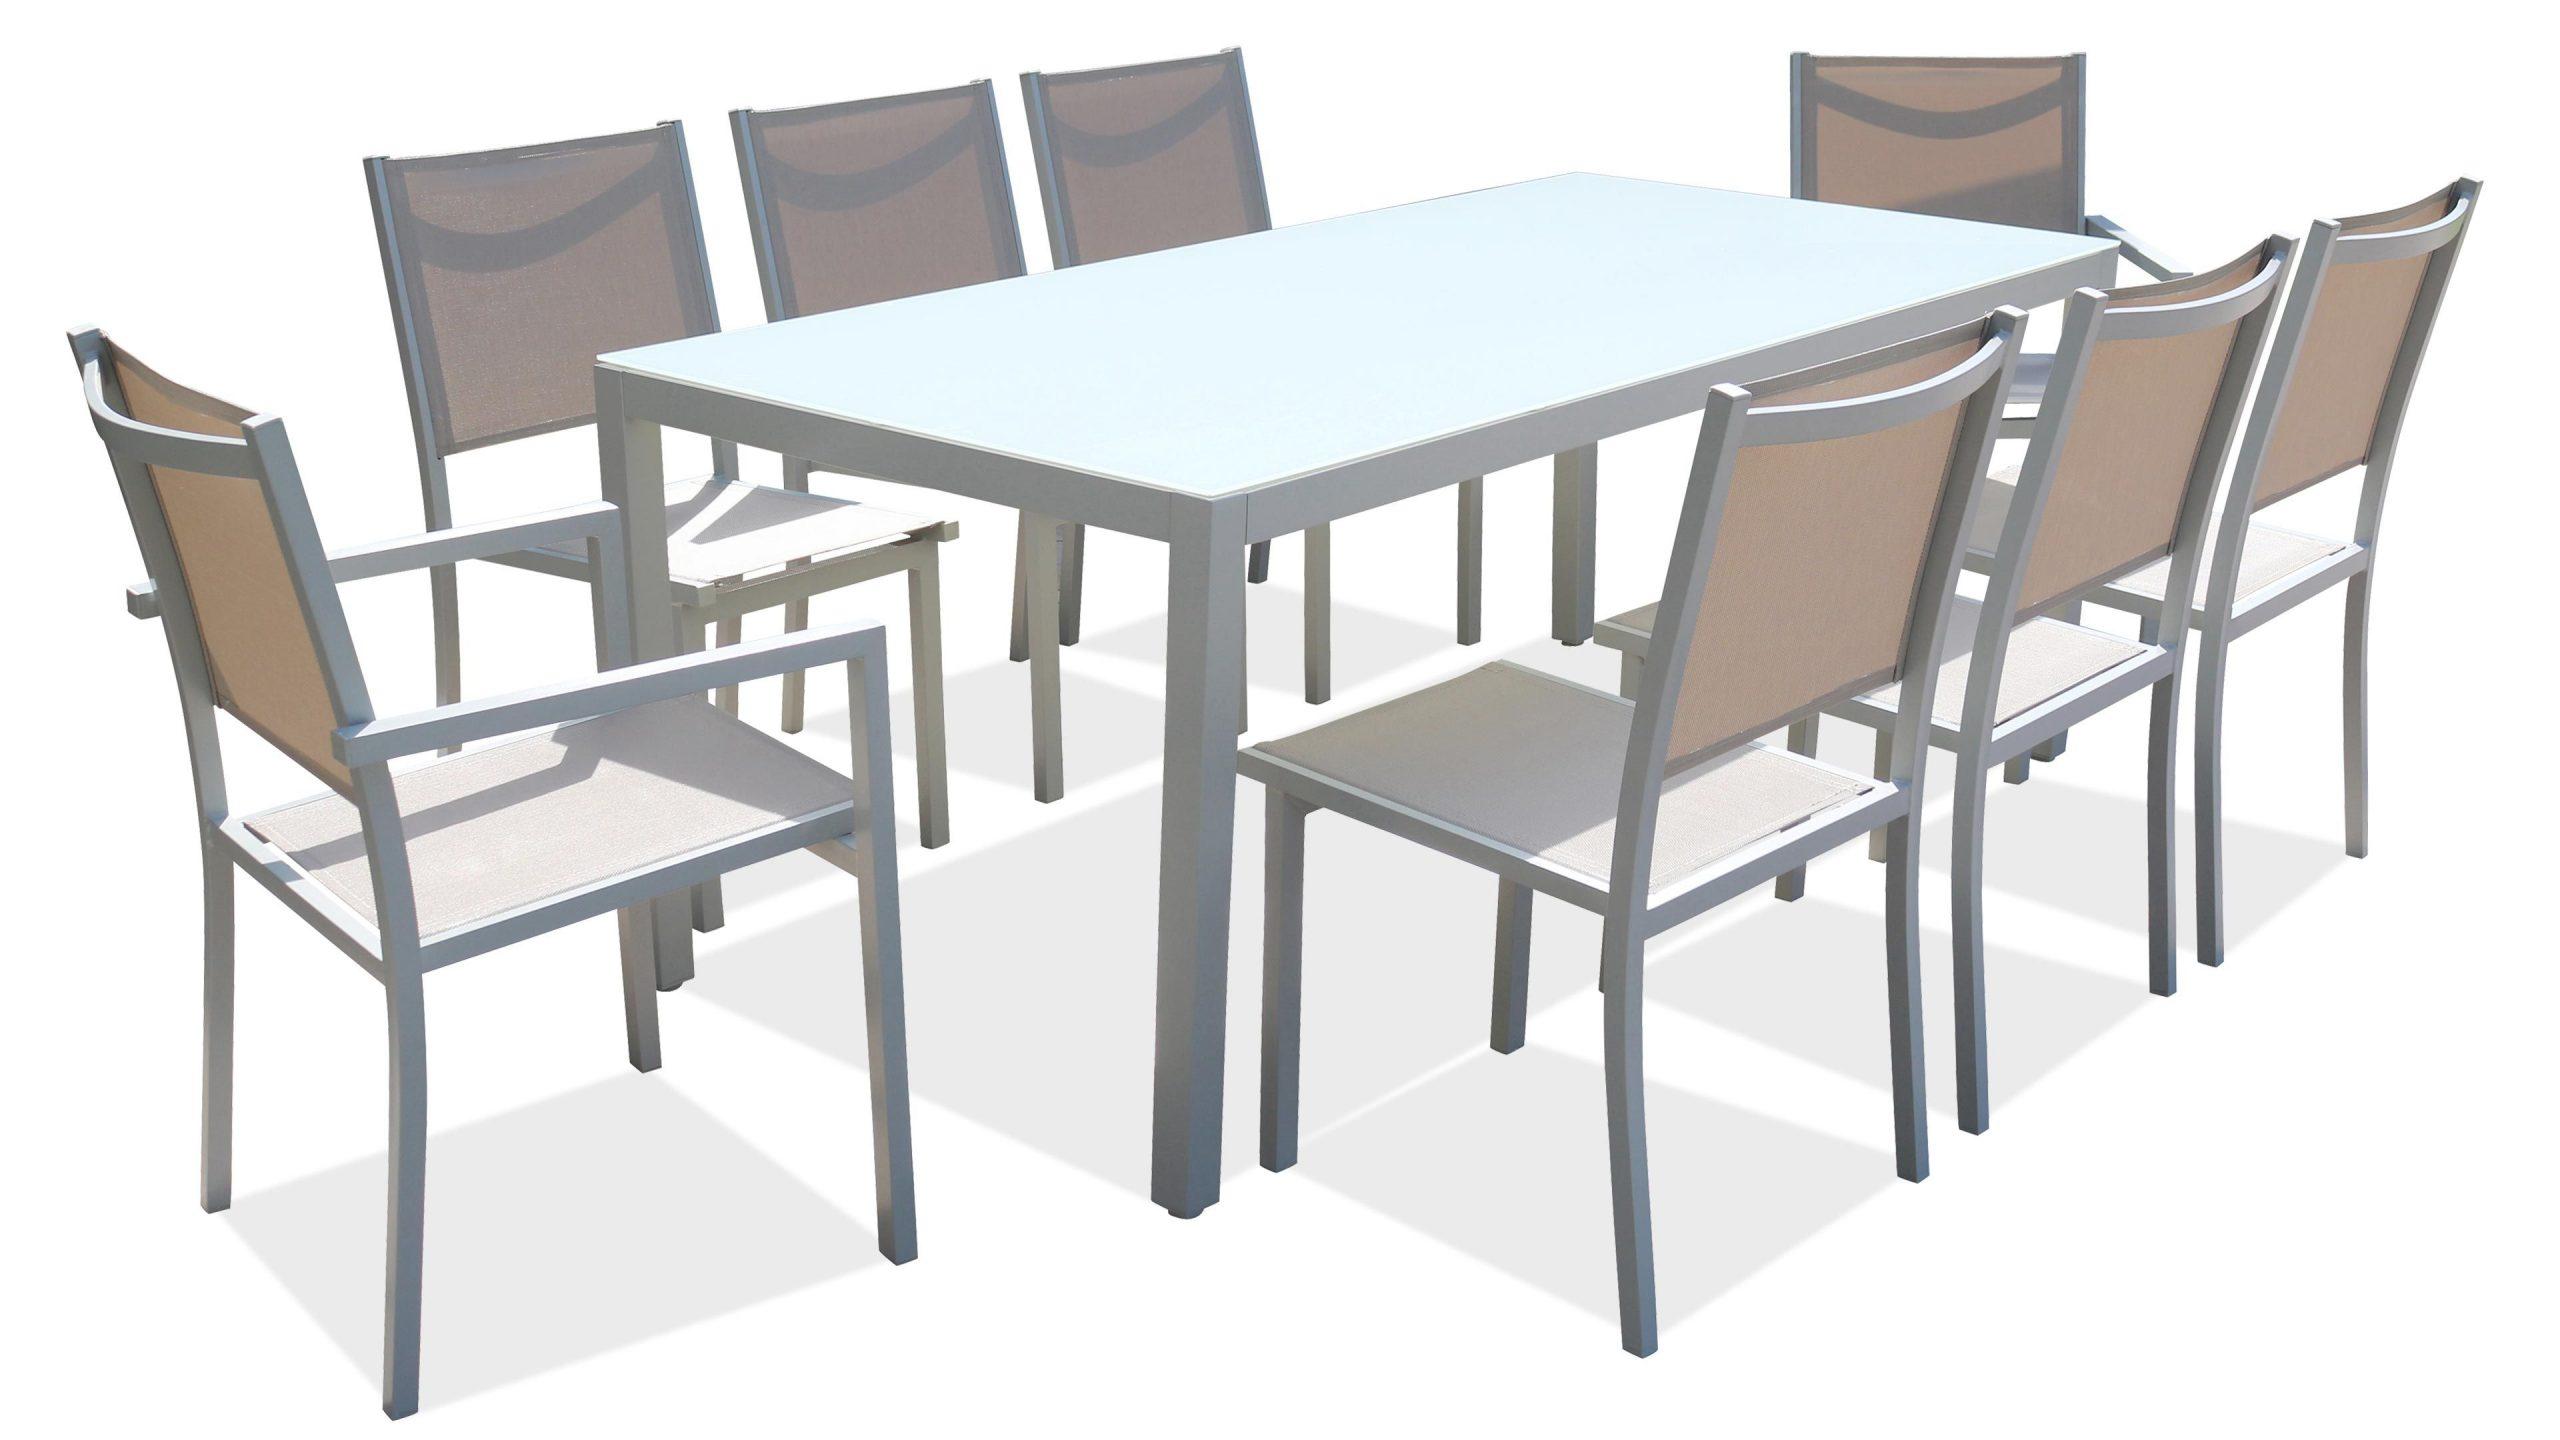 Salon De Jardin Aluminium Table De Jardin 8 Places tout Table Et Chaises De Jardin Pas Cher